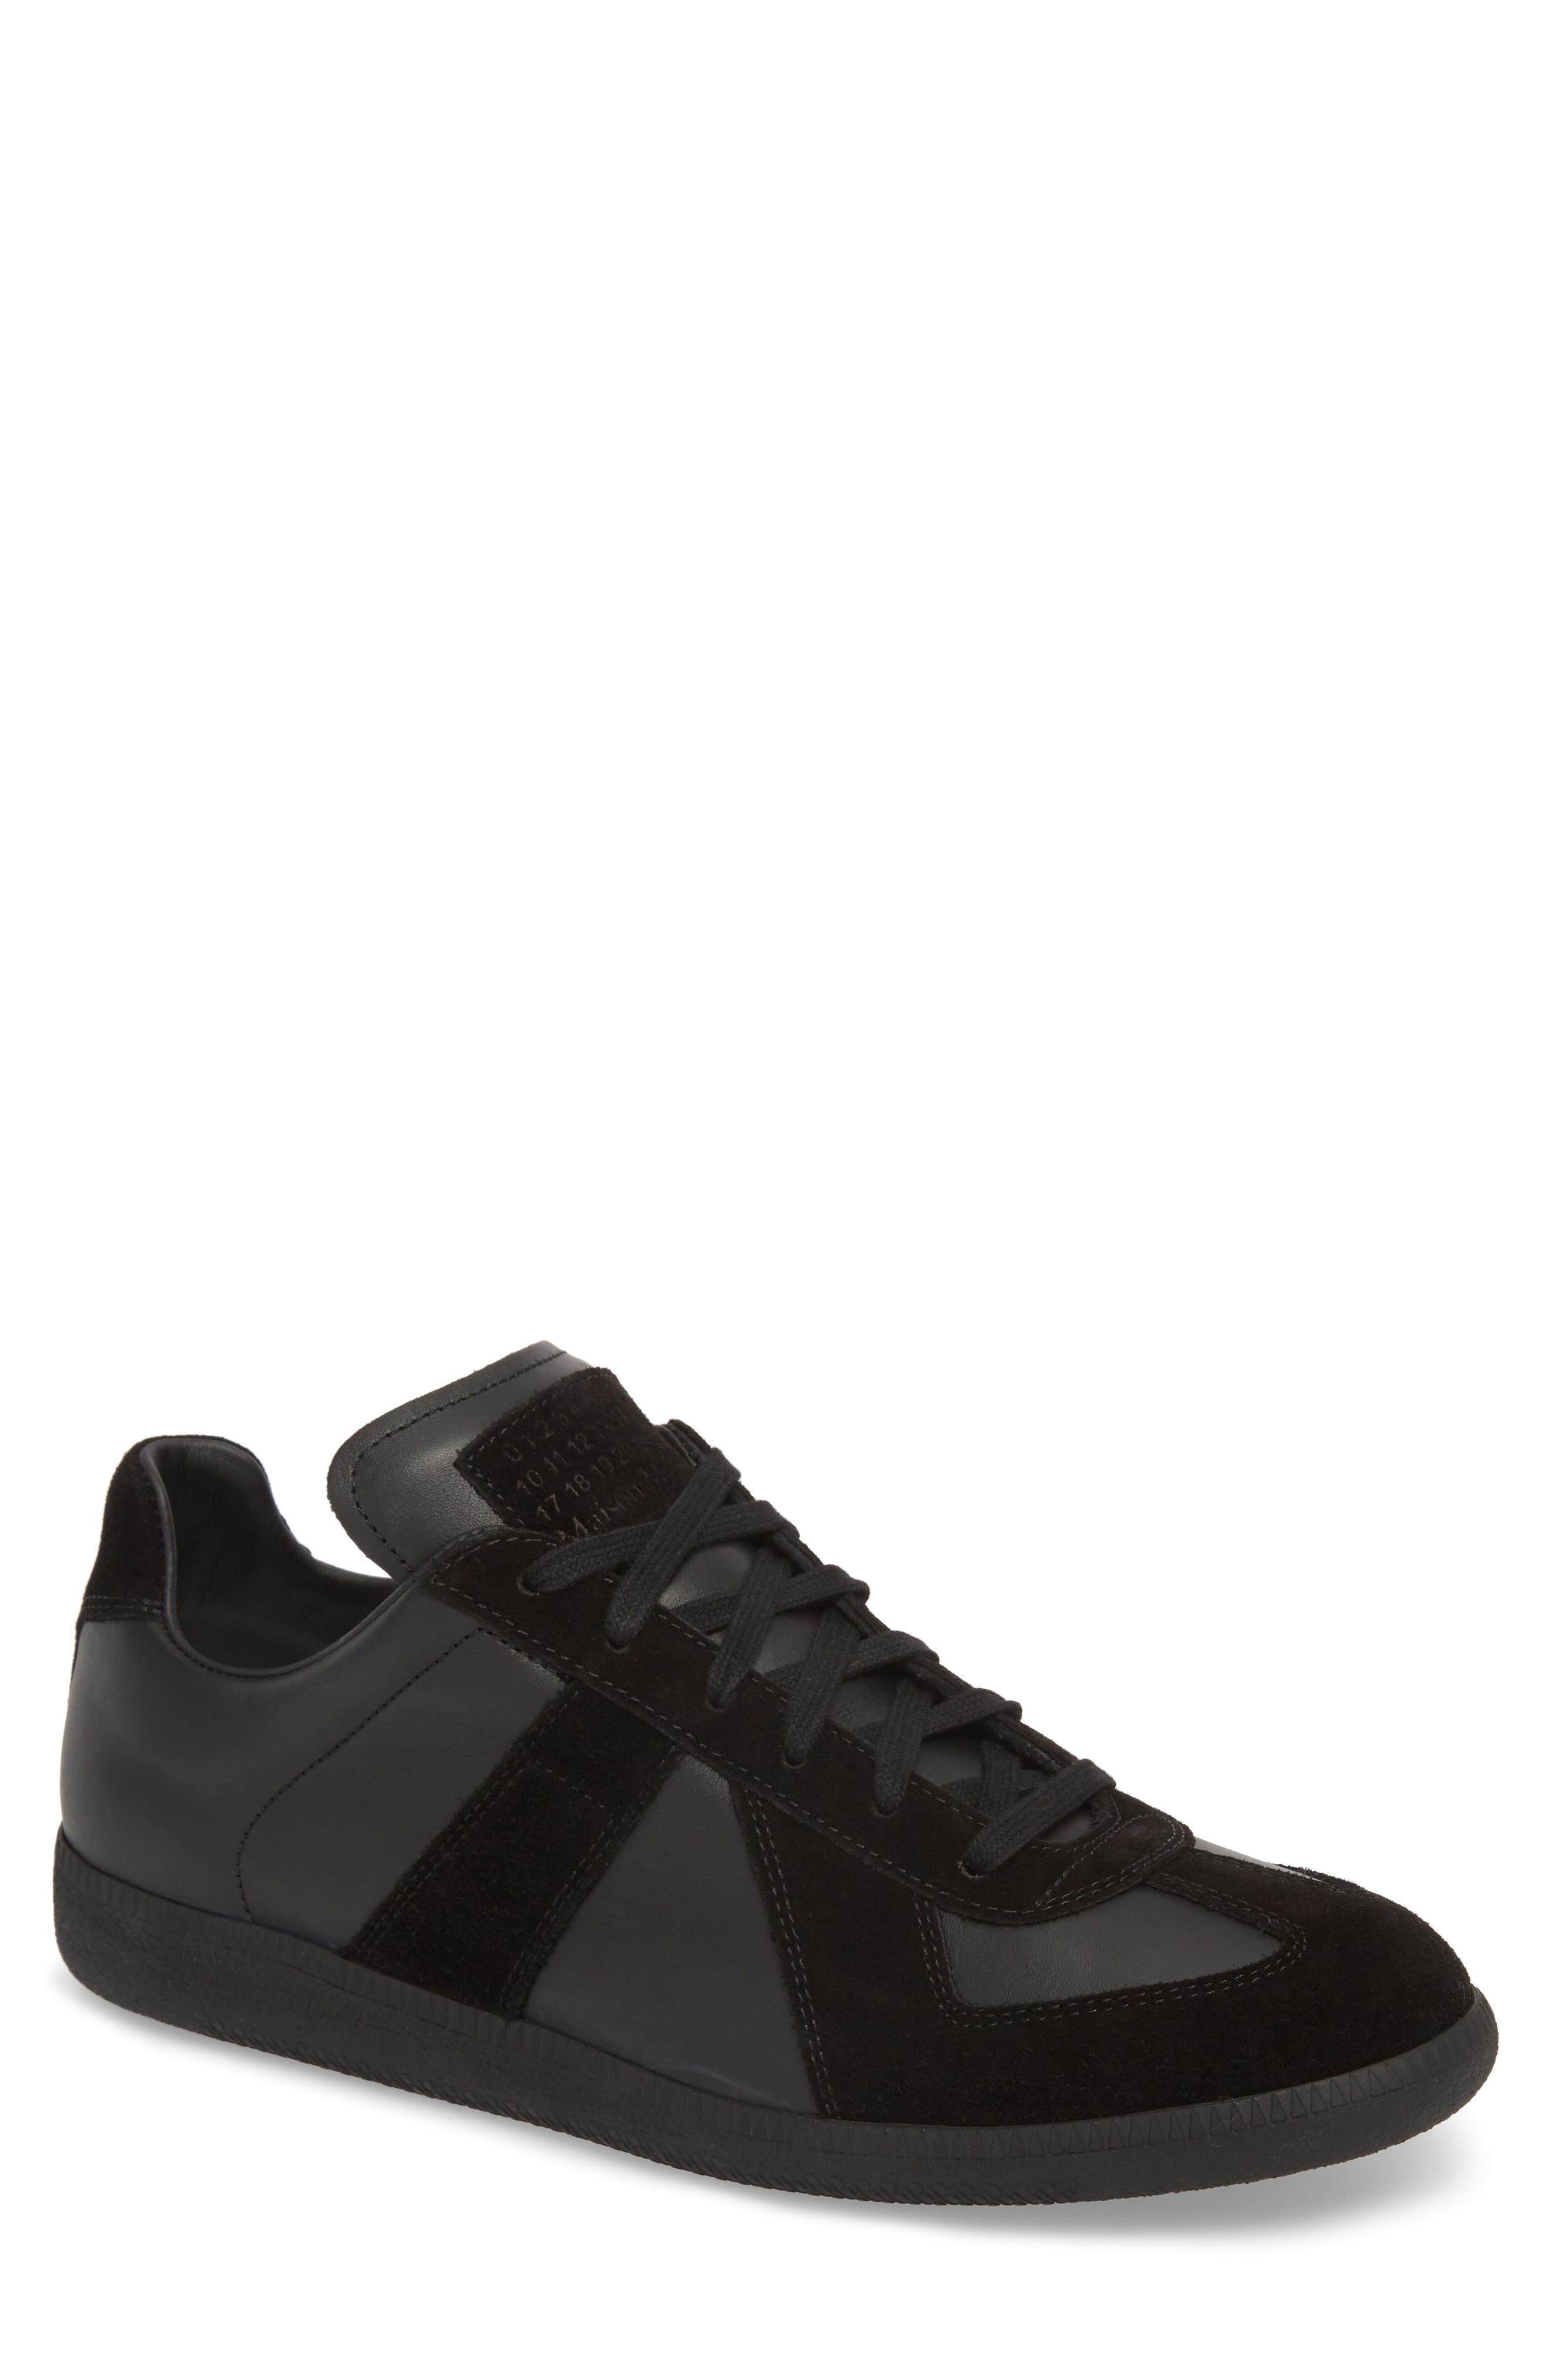 MM6 Maison Margiela Replica Low Top Sneaker (Men)